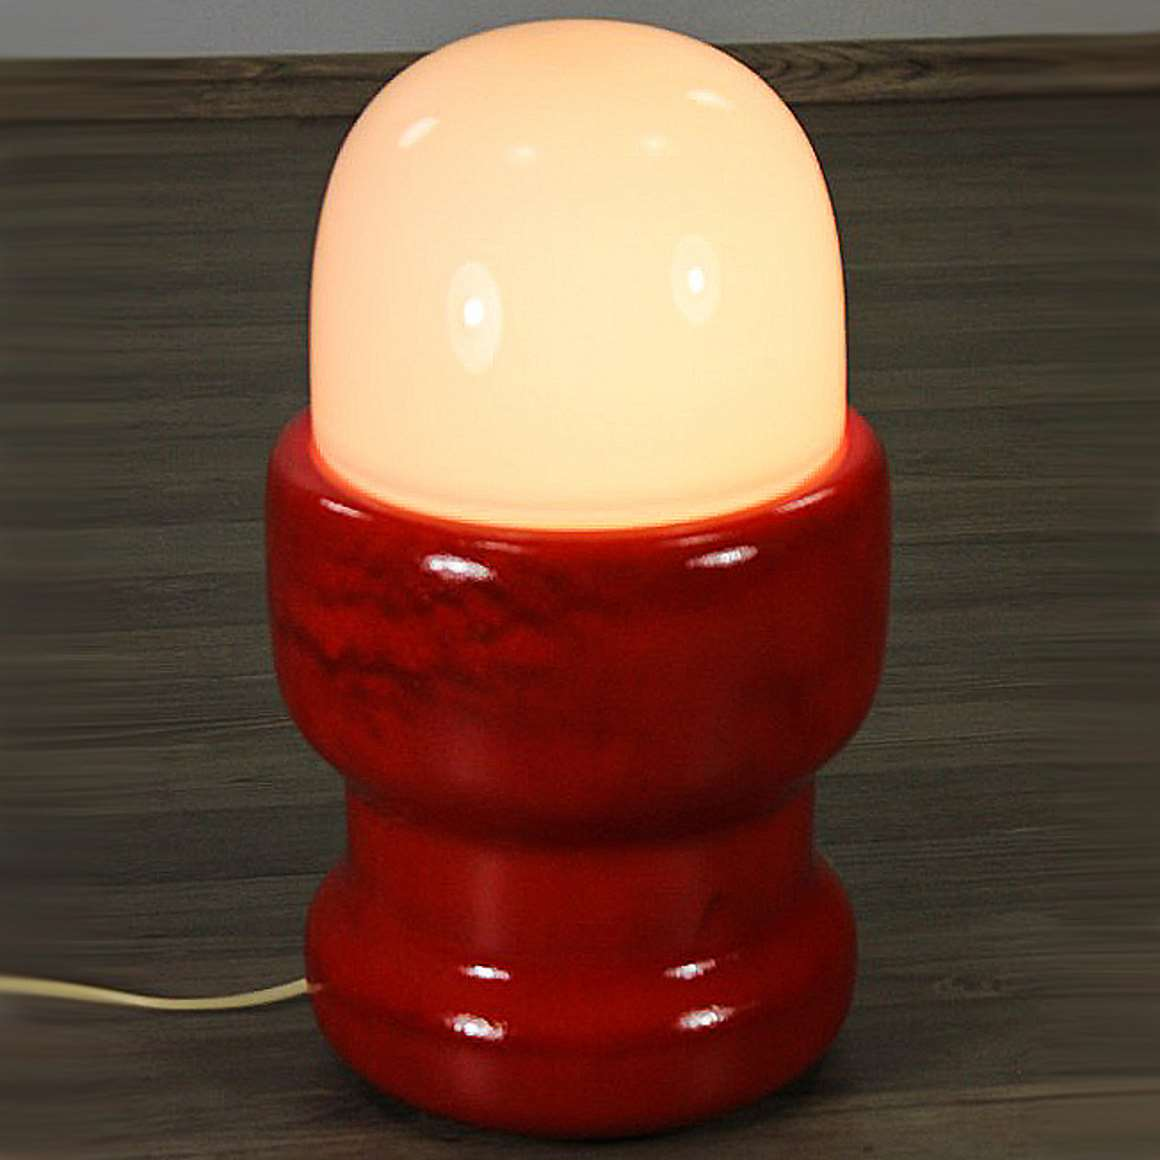 Timo Sarpaneva Rosenthal Table Lamp